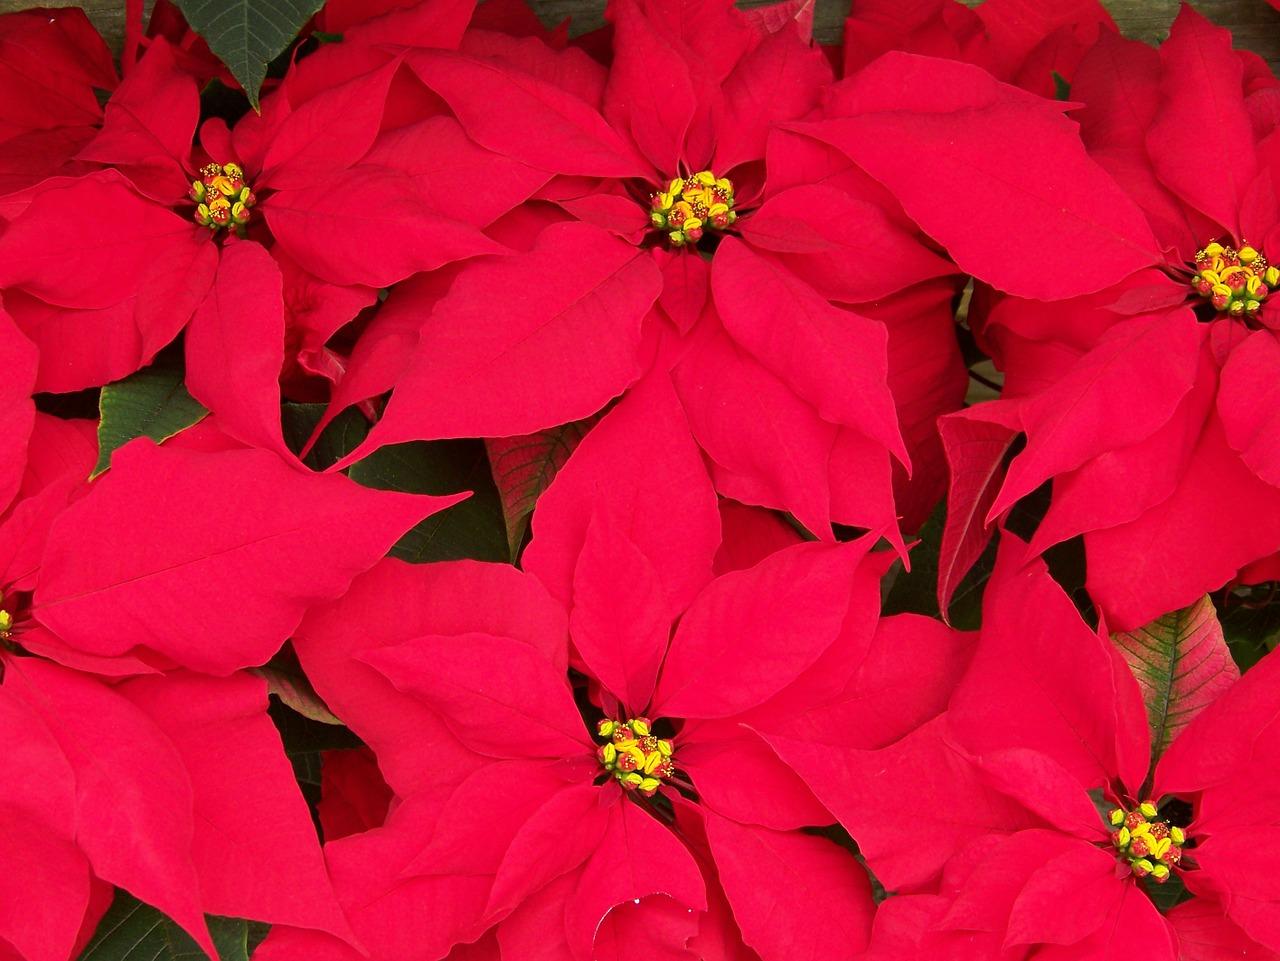 Stella Di Natale Fiore Cure.Stella Di Natale Cure E Curiosita Lacuocaignorante